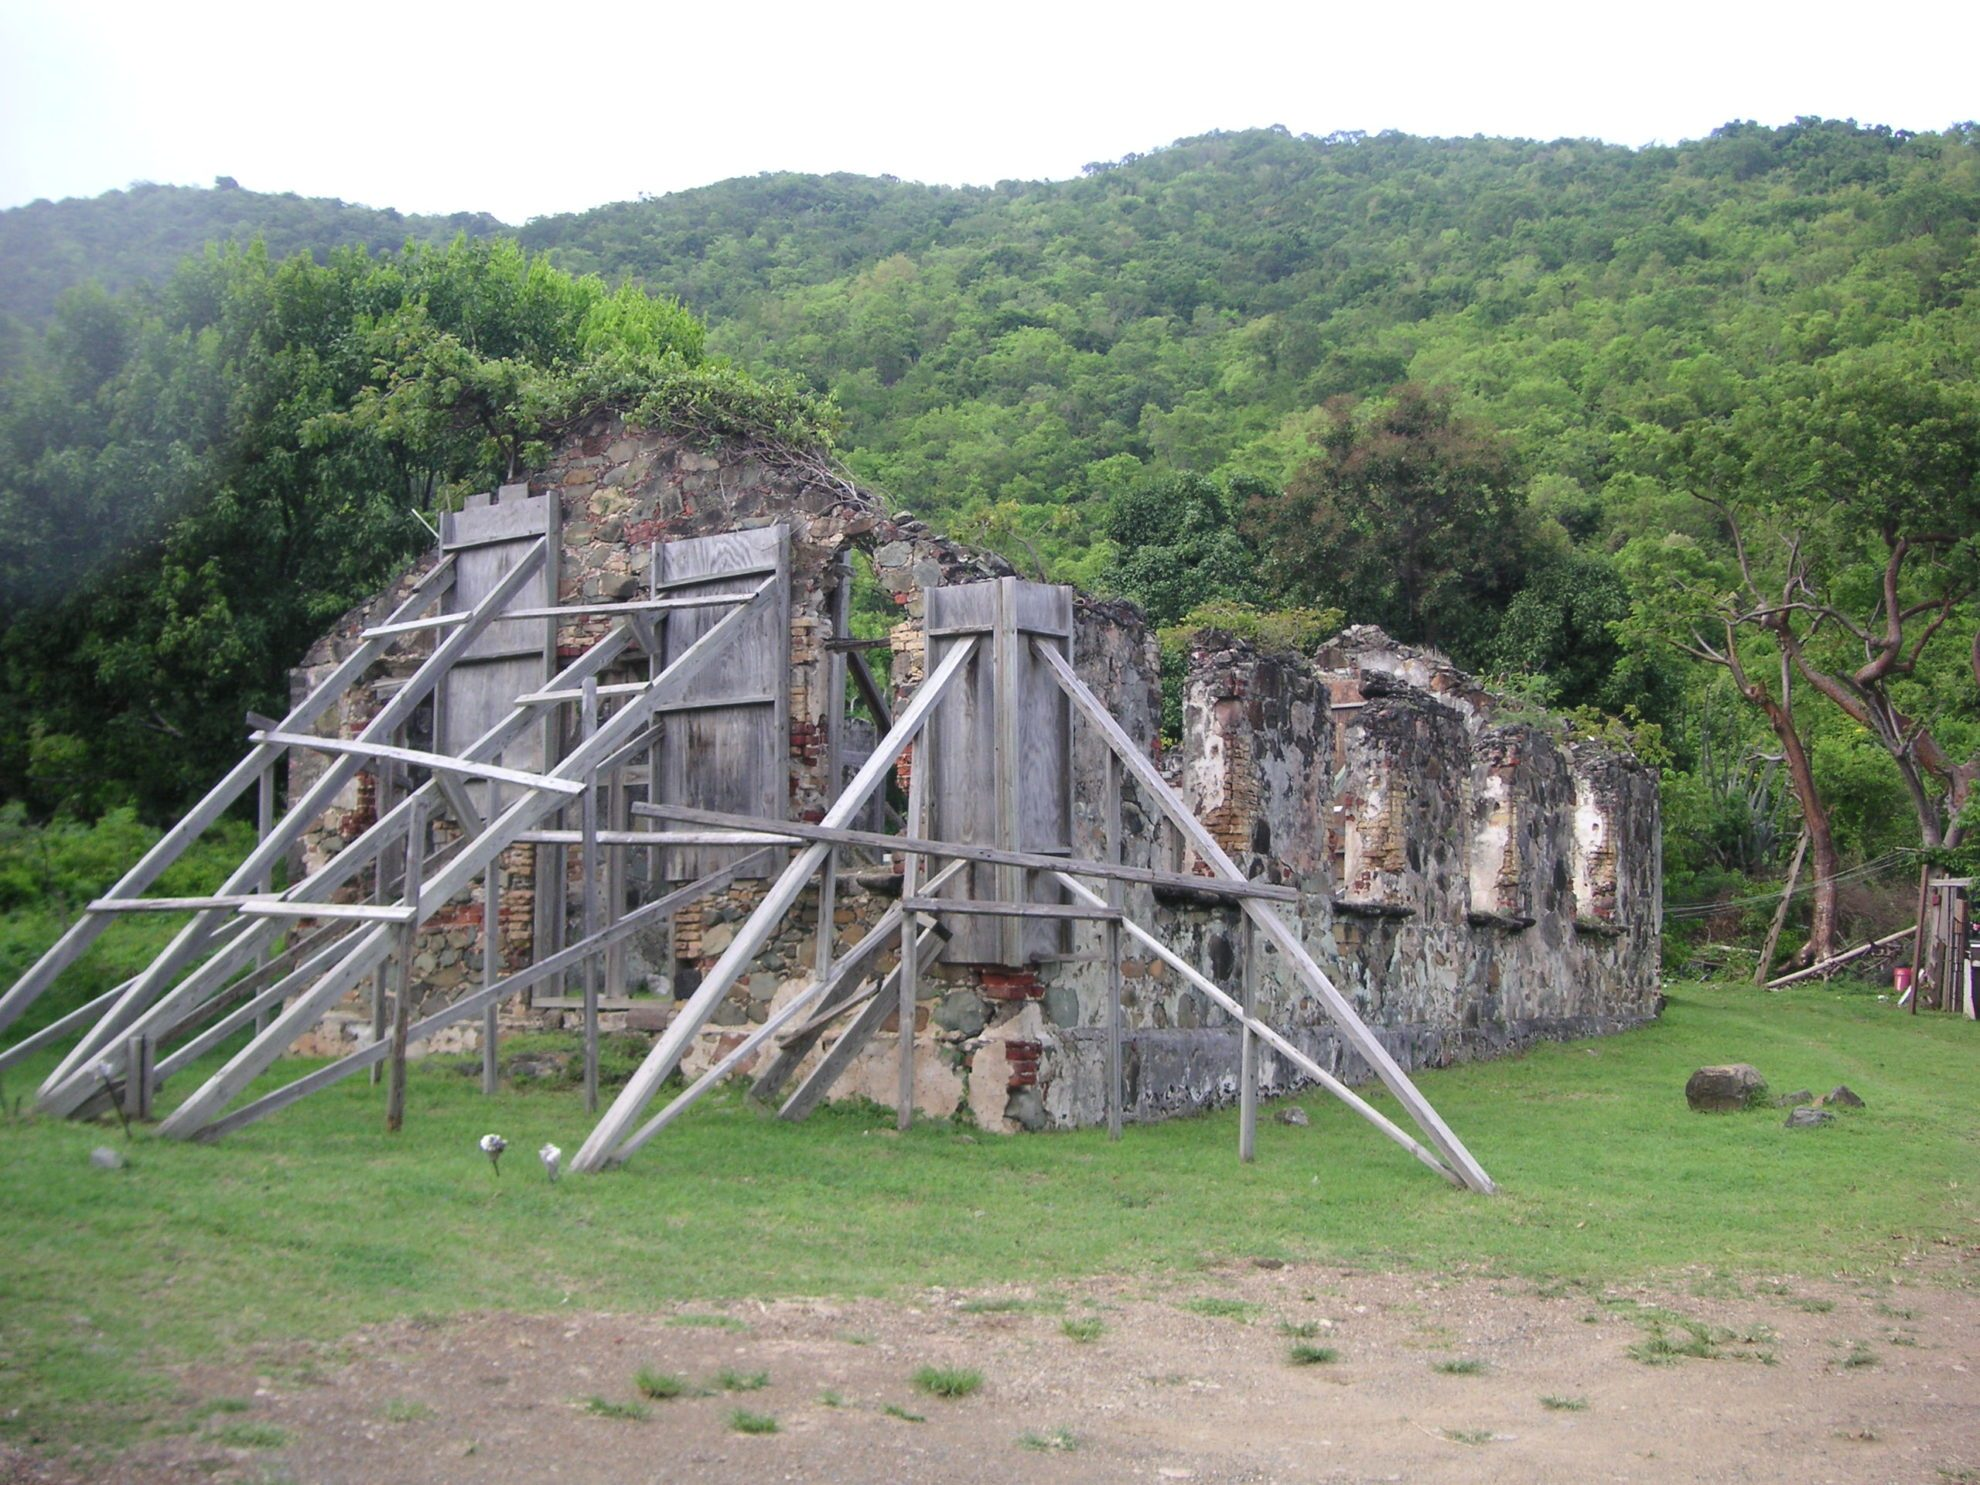 Развалины церкви St Phillips на острове Тортола - будет переоборудована в одну из РОМ-станций